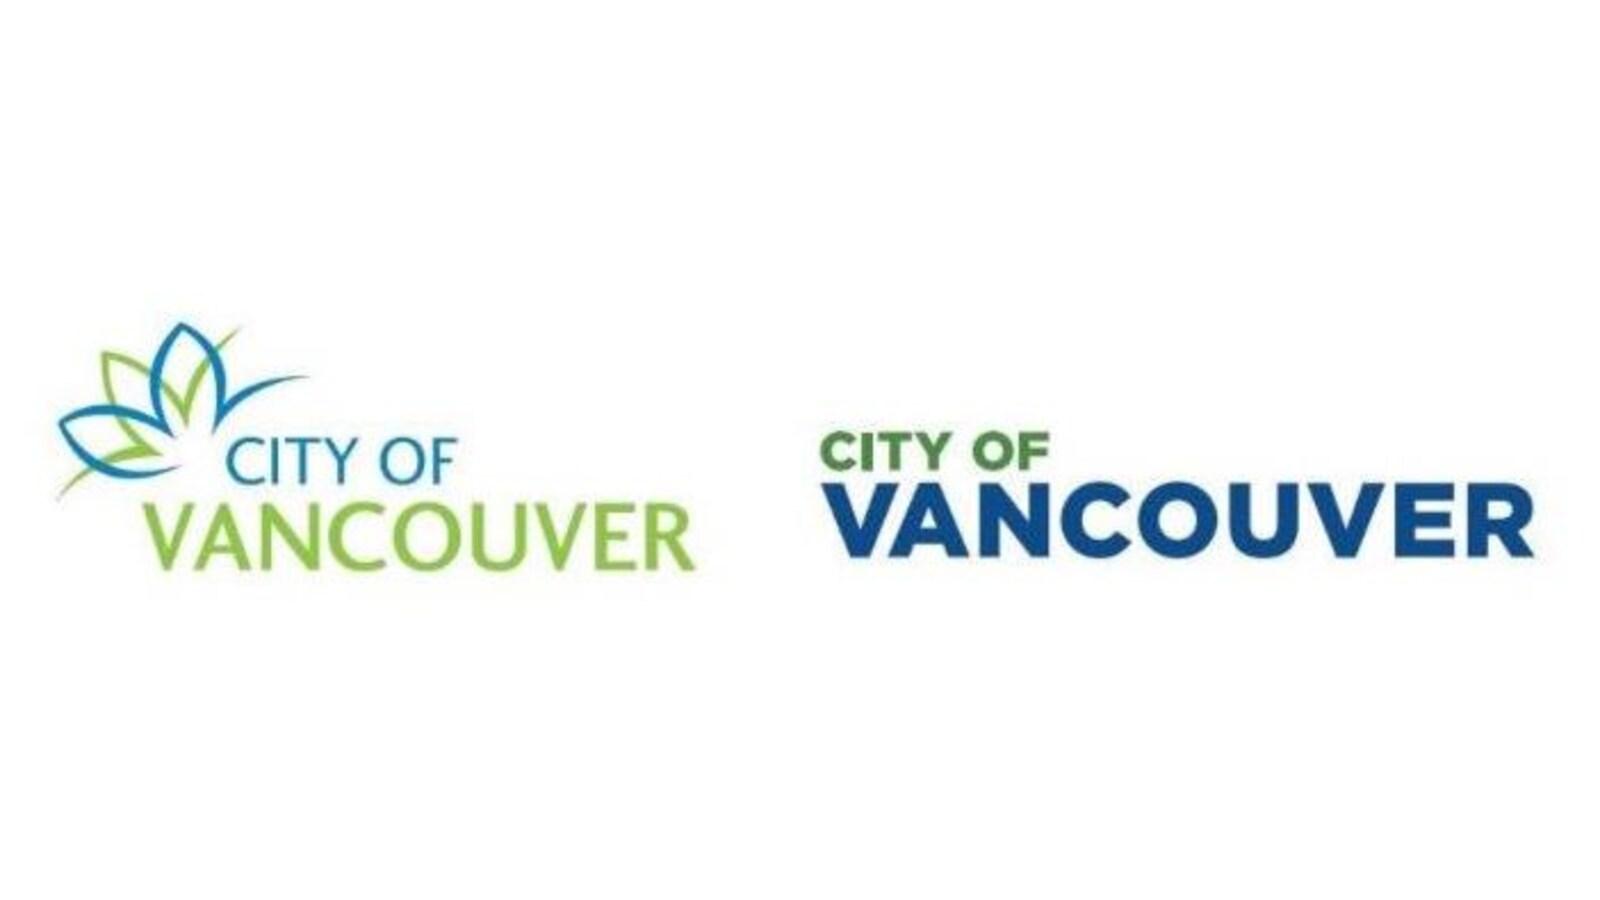 L'ancien logo de Vancouver à gauche et le nouveau à droite